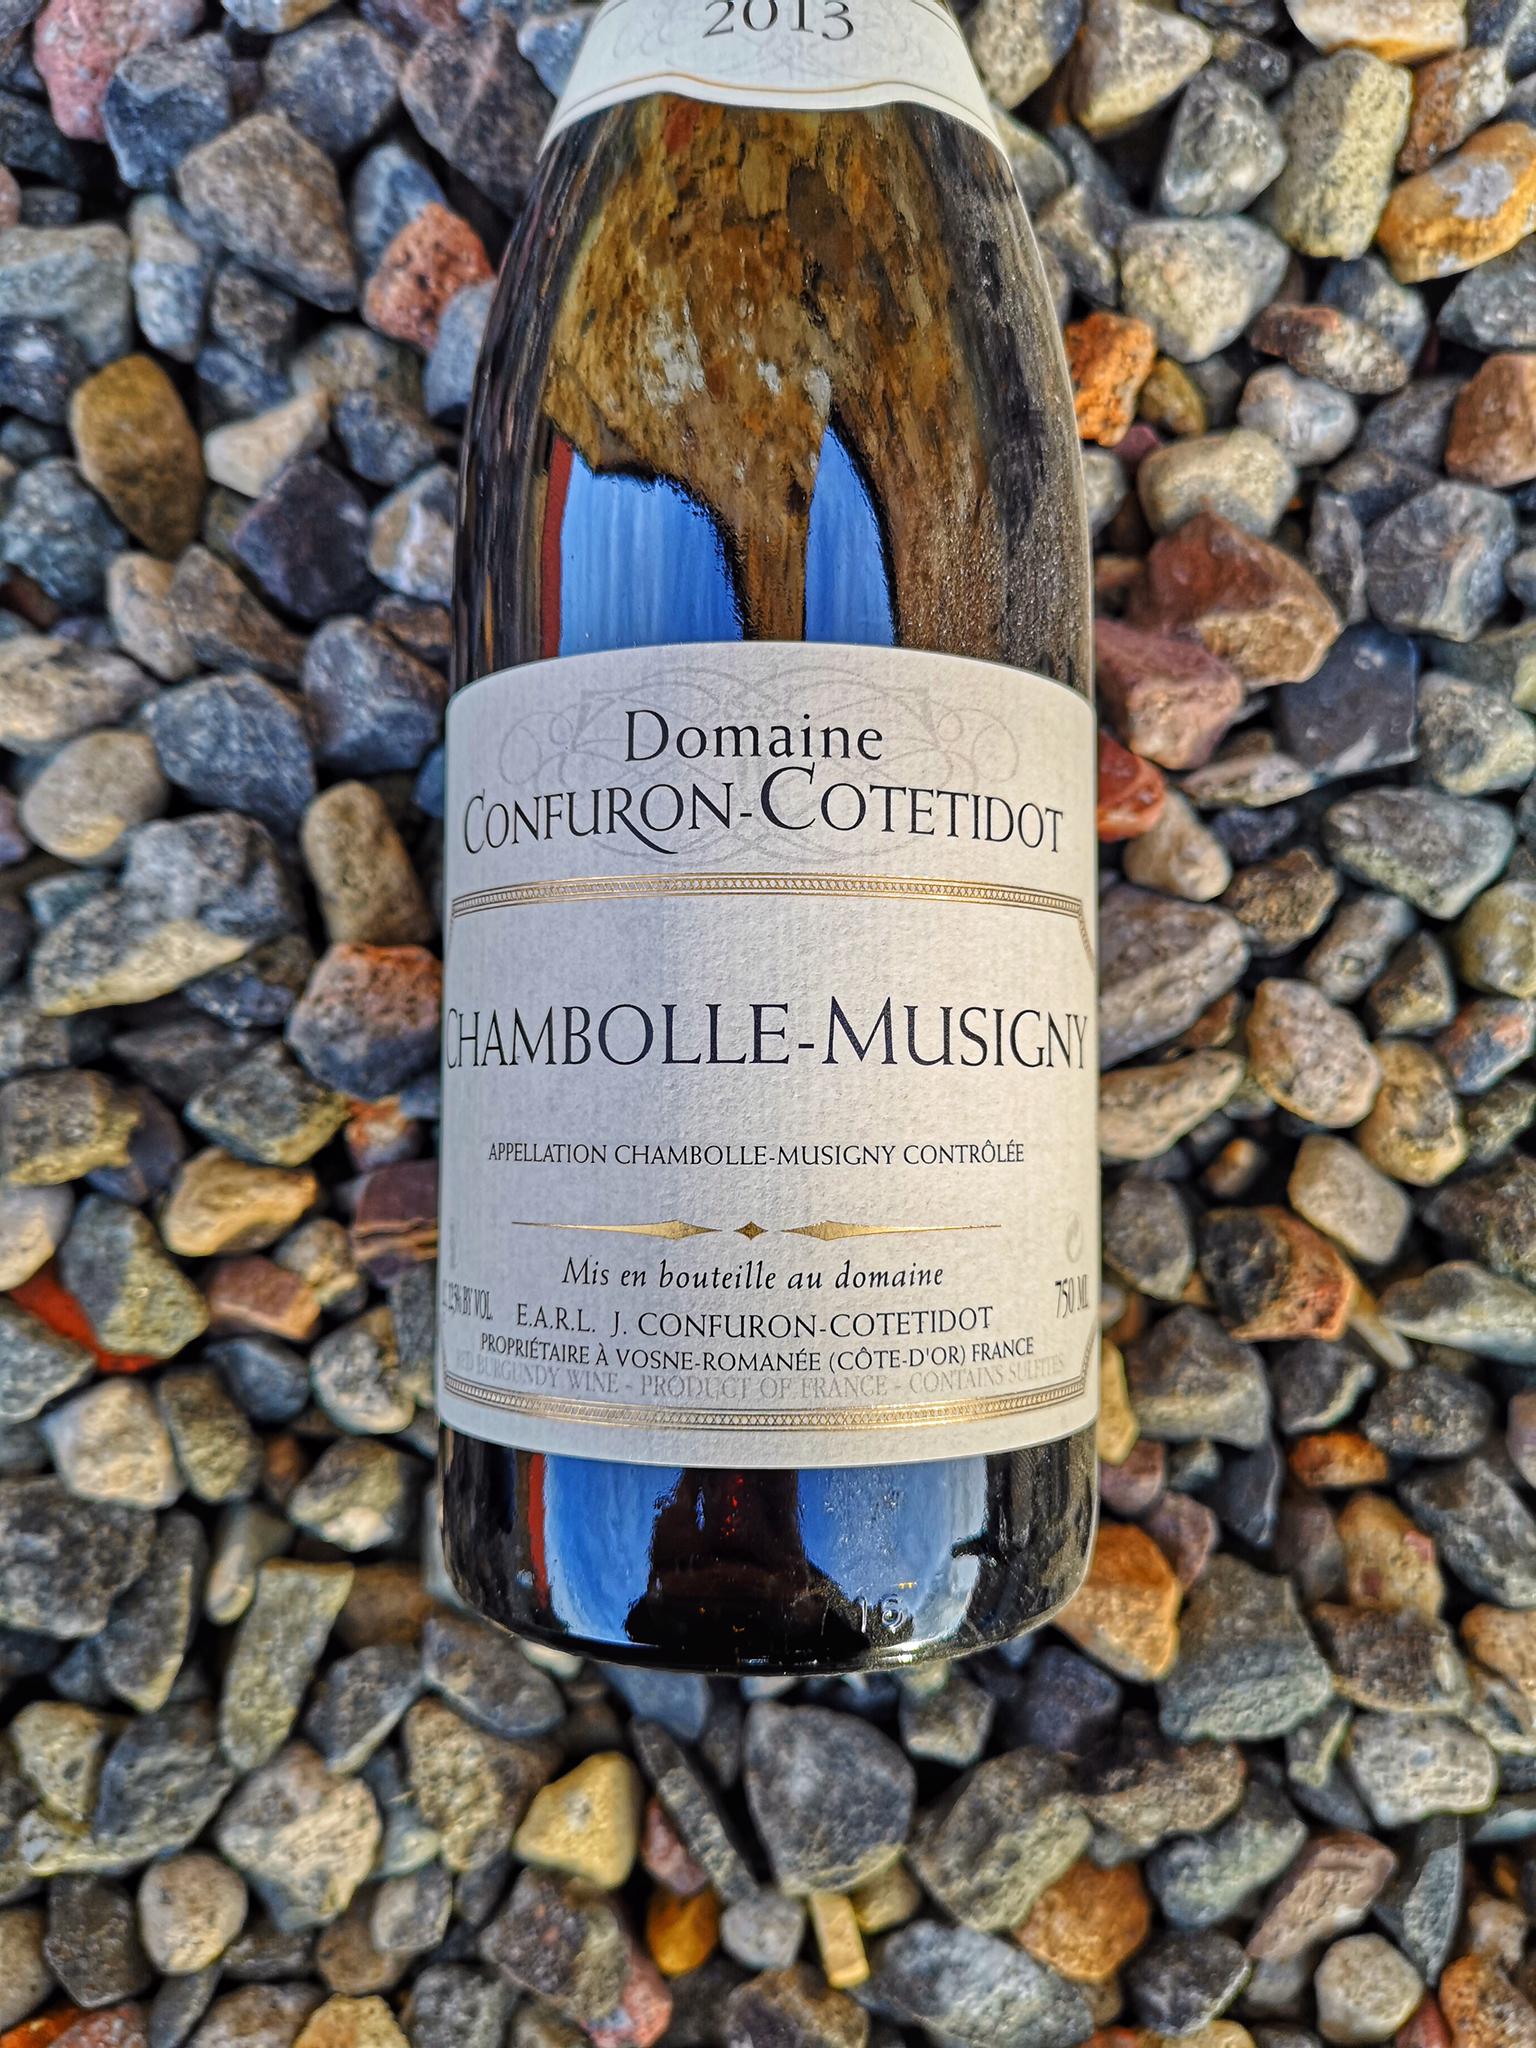 Confuron-Cotetidot Chambolle-Musigny 2013 00216